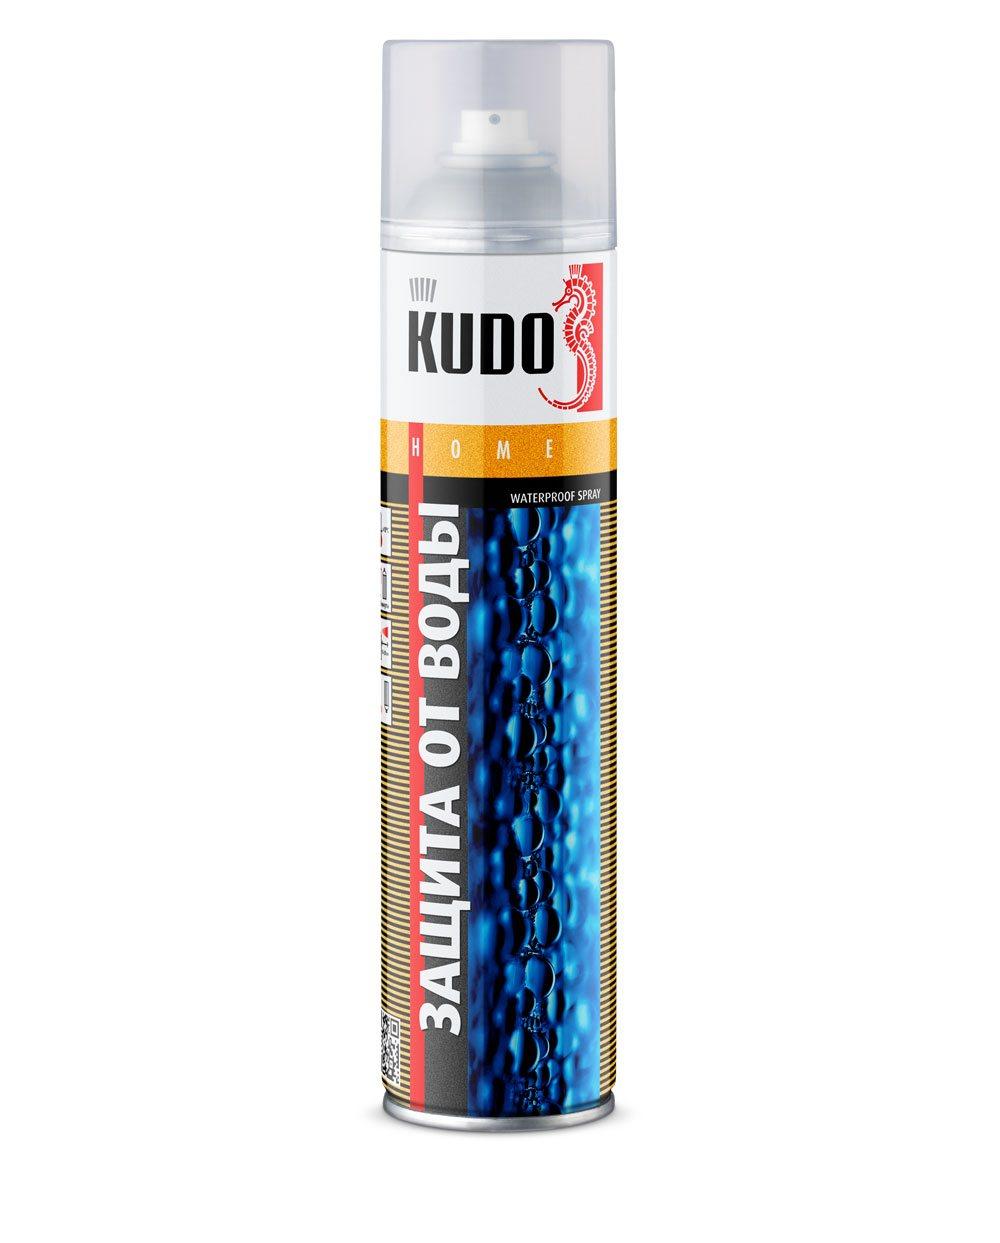 Защита от воды (водоотталкивающая пропитка для кожи и текстиля) Kudo аэрозоль 400 мл KU-H430